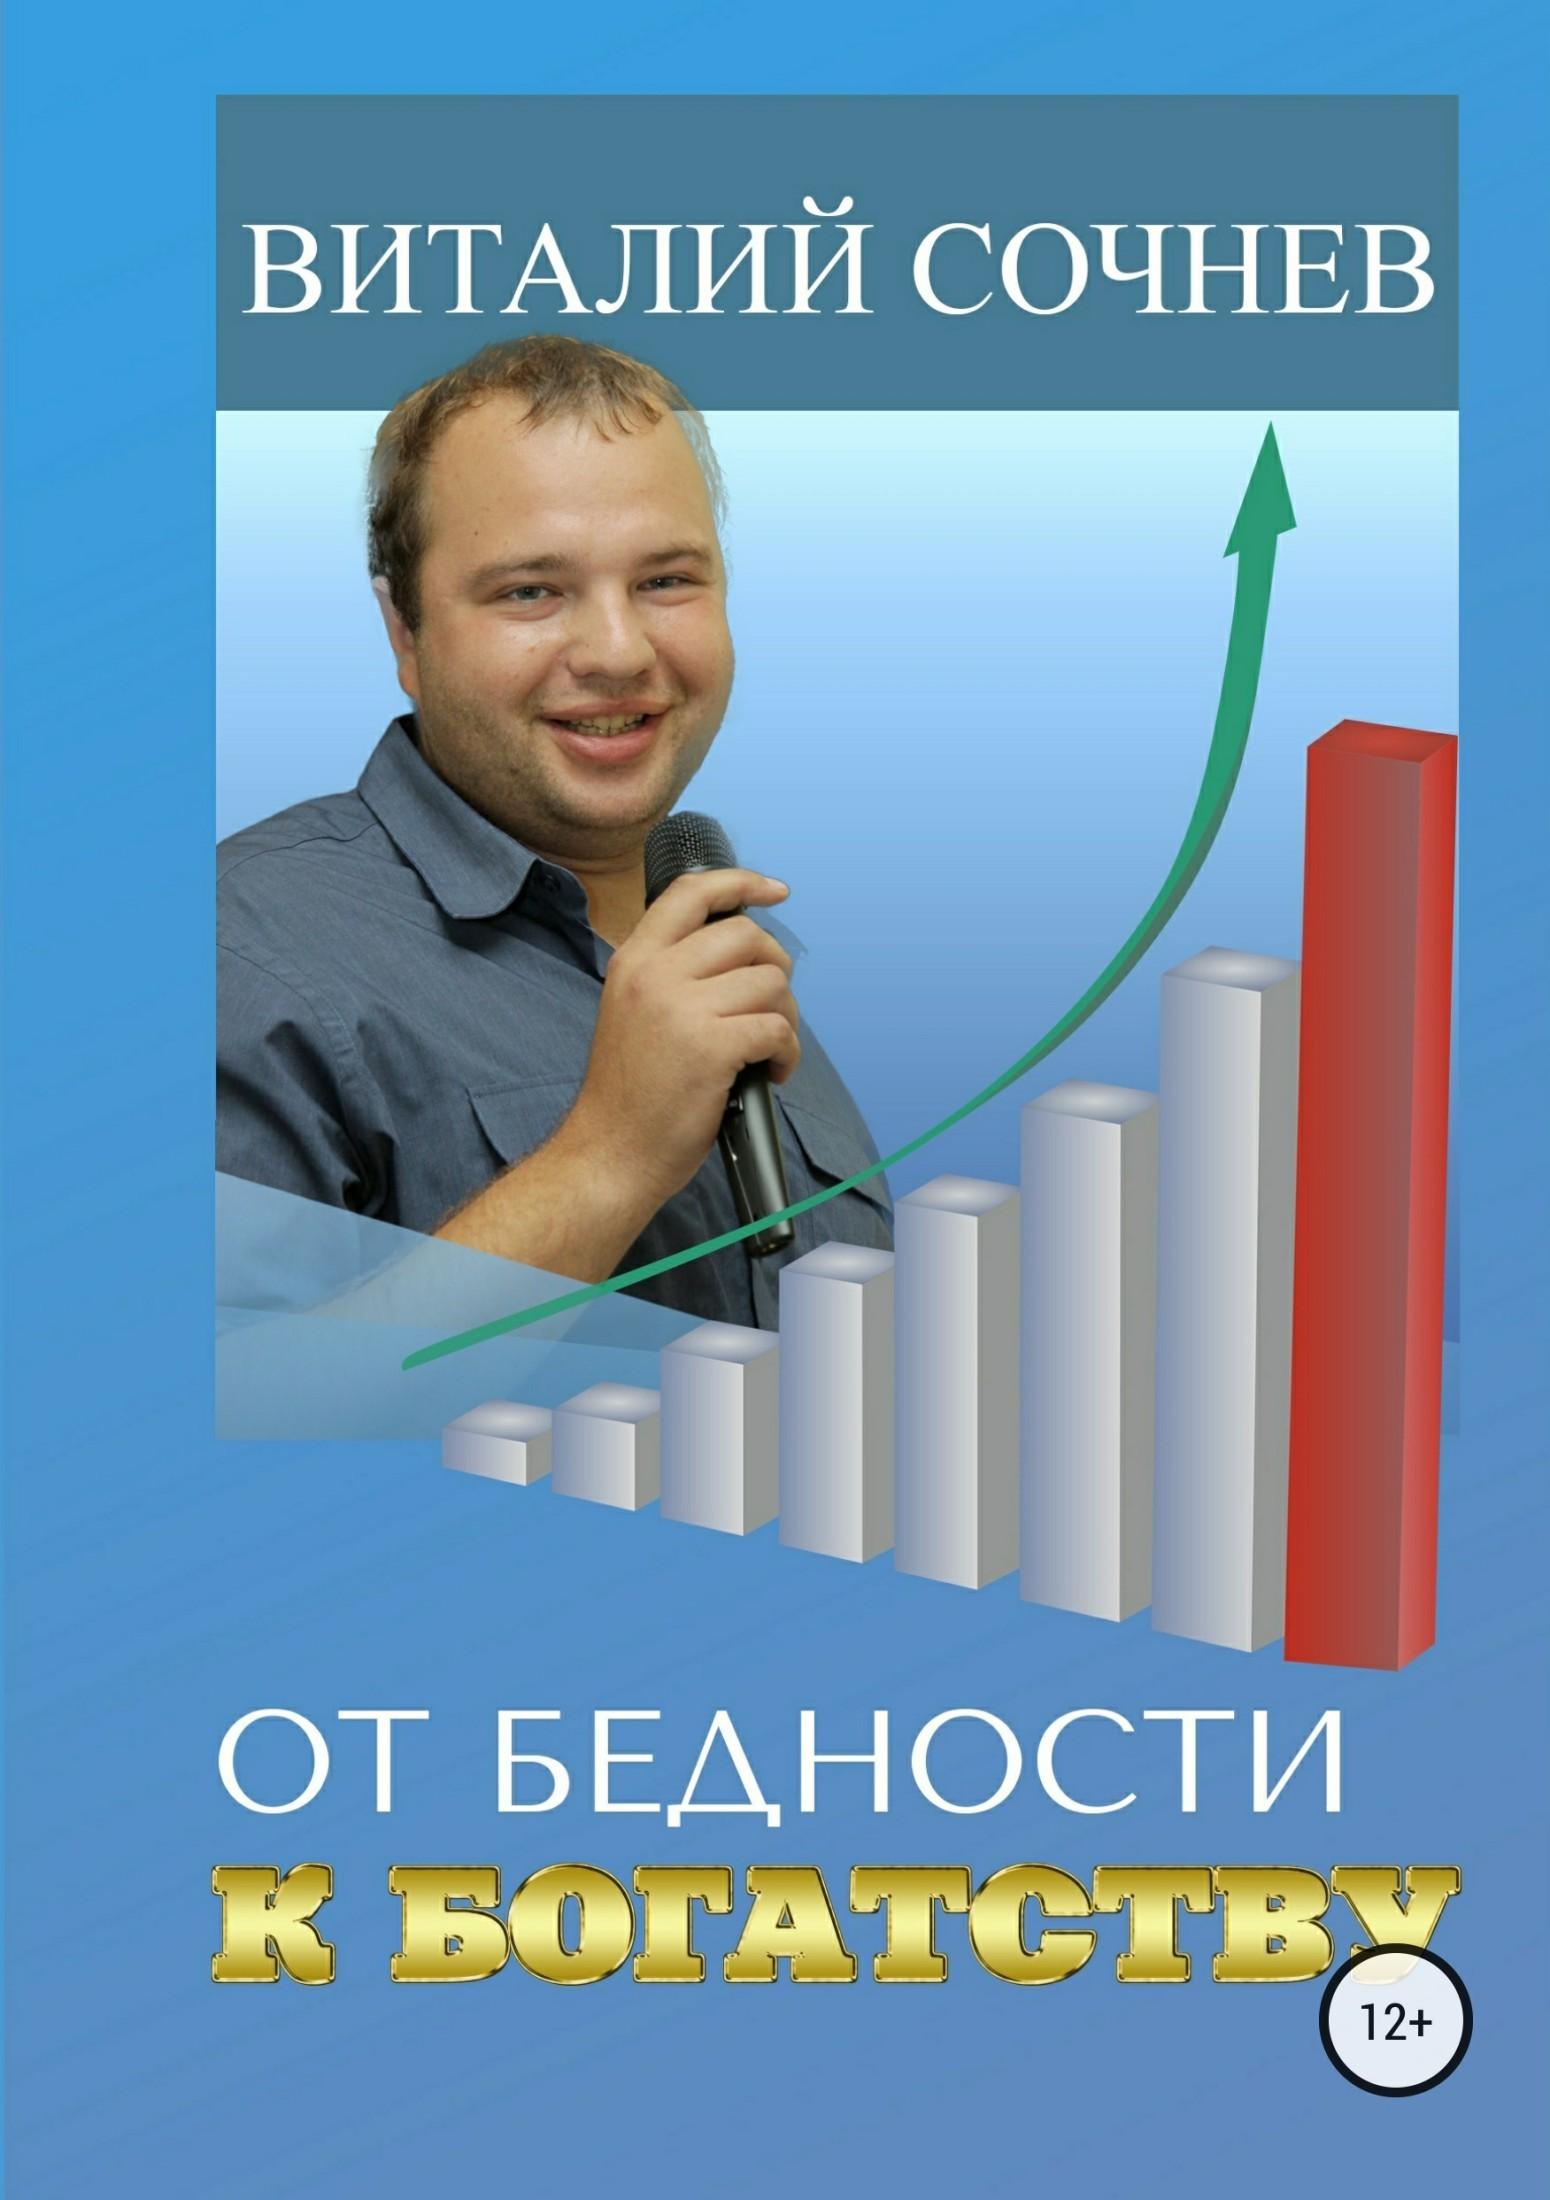 Обложка книги. Автор - Виталий Сочнев